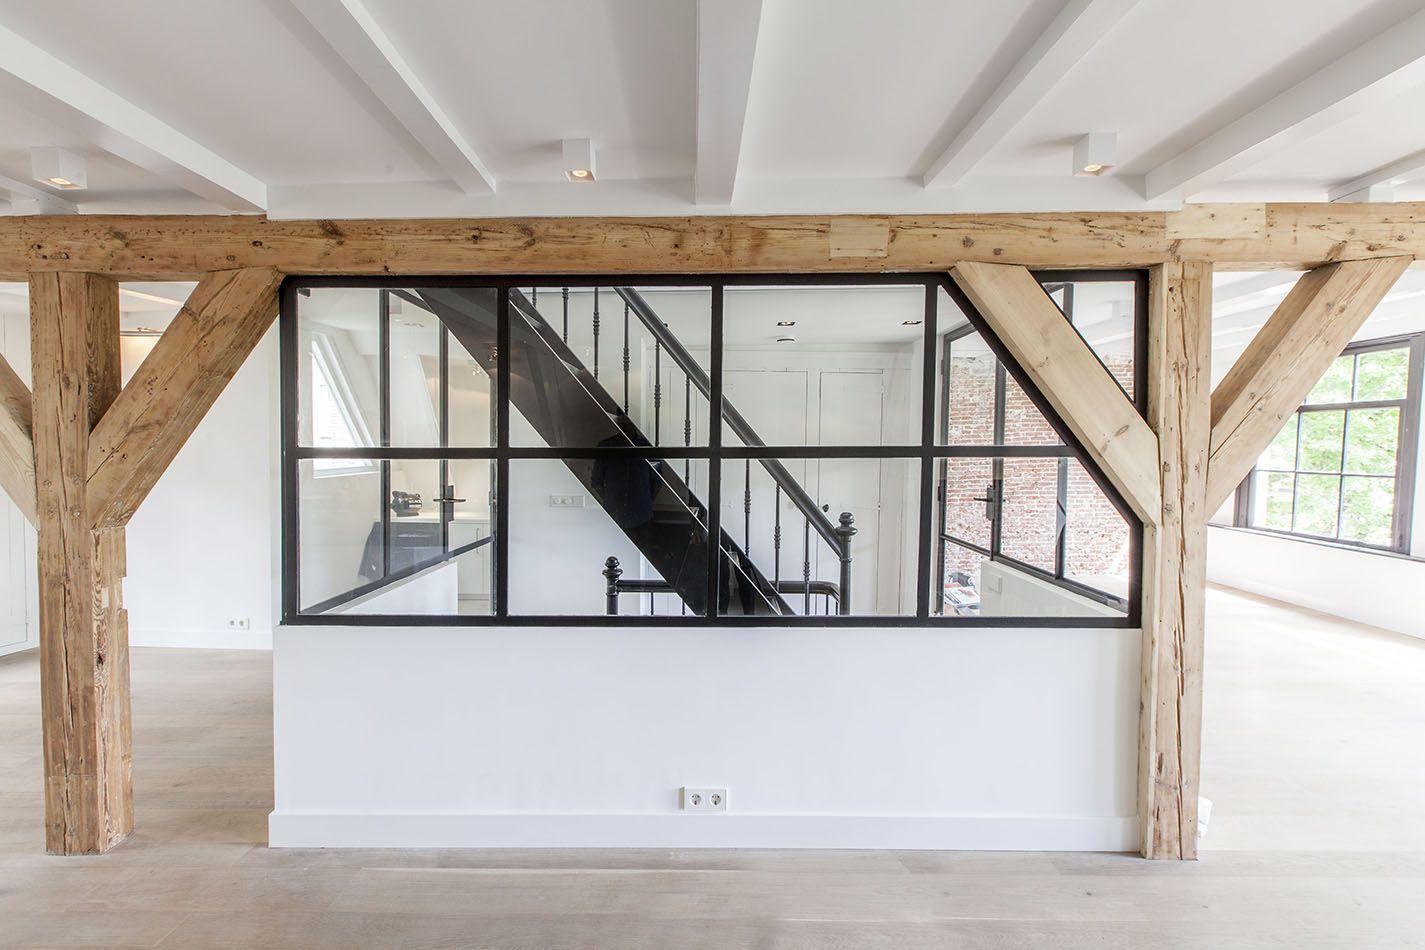 reguliers loft amsterdam by puurflow | home | pinterest, Innenarchitektur ideen